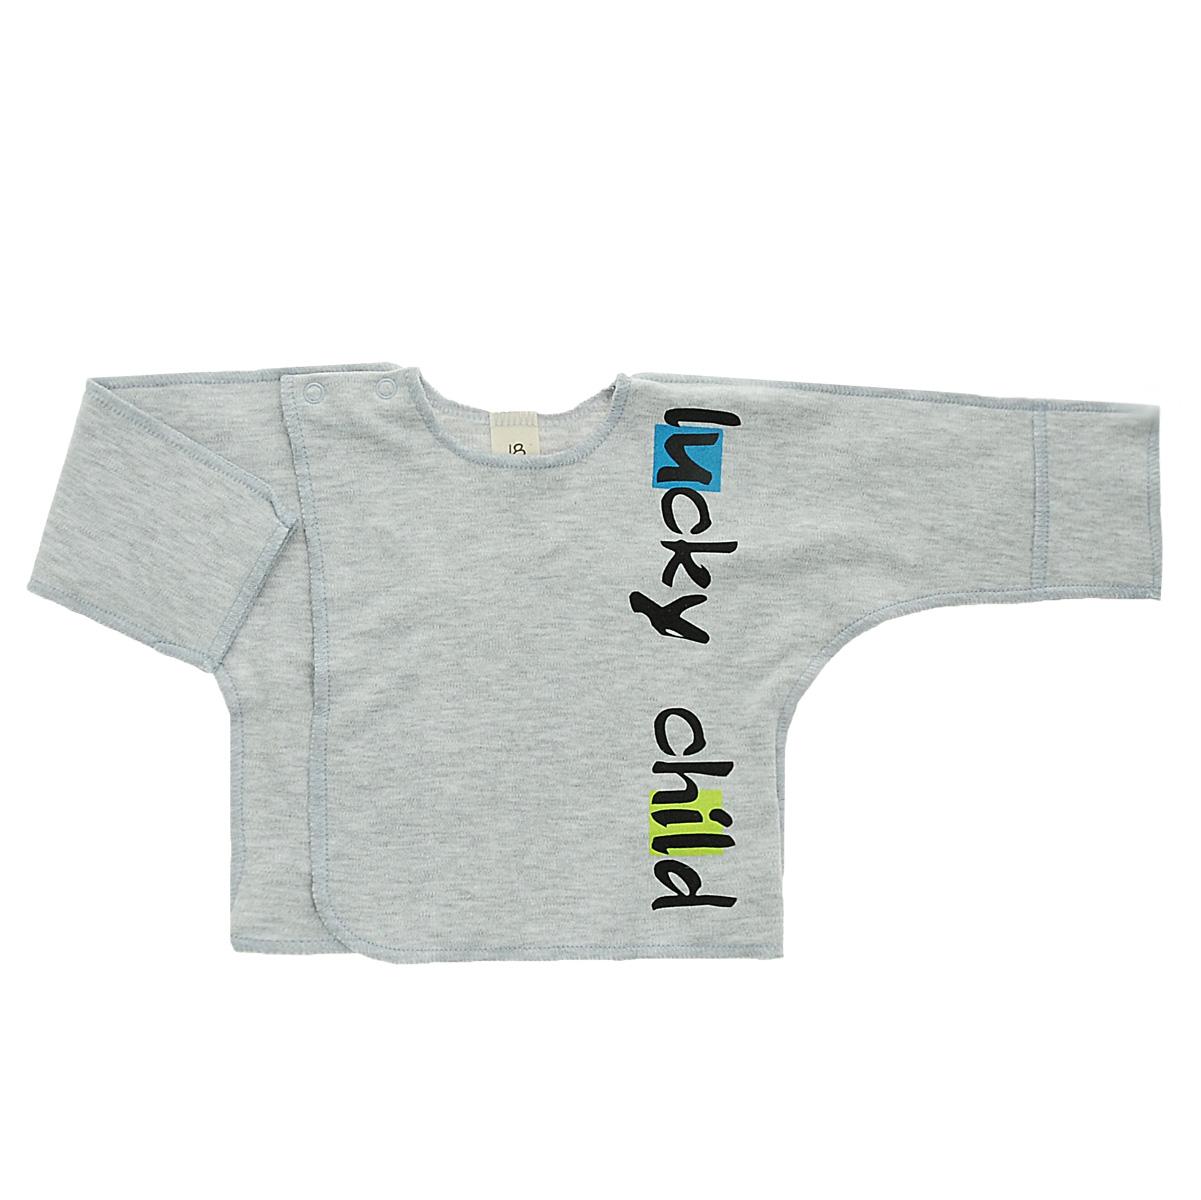 Распашонка. 1-81-8Распашонка для новорожденного Lucky Child с длинными рукавами послужит идеальным дополнением к гардеробу вашего малыша, обеспечивая ему наибольший комфорт. Распашонка изготовлена из интерлока - натурального хлопка, благодаря чему она необычайно мягкая и легкая, не раздражает нежную кожу ребенка и хорошо вентилируется, а эластичные швы приятны телу малыша и не препятствуют его движениям. Распашонка-кимоно для новорожденного с закрытыми ручками, выполненная швами наружу, спереди оформлена надписью Lucky Child. Благодаря системе застежек-кнопок по принципу кимоно модель можно полностью расстегнуть. А благодаря рукавичкам ребенок не поцарапает себя. Распашонка полностью соответствует особенностям жизни ребенка в ранний период, не стесняя и не ограничивая его в движениях. В ней ваш малыш всегда будет в центре внимания.